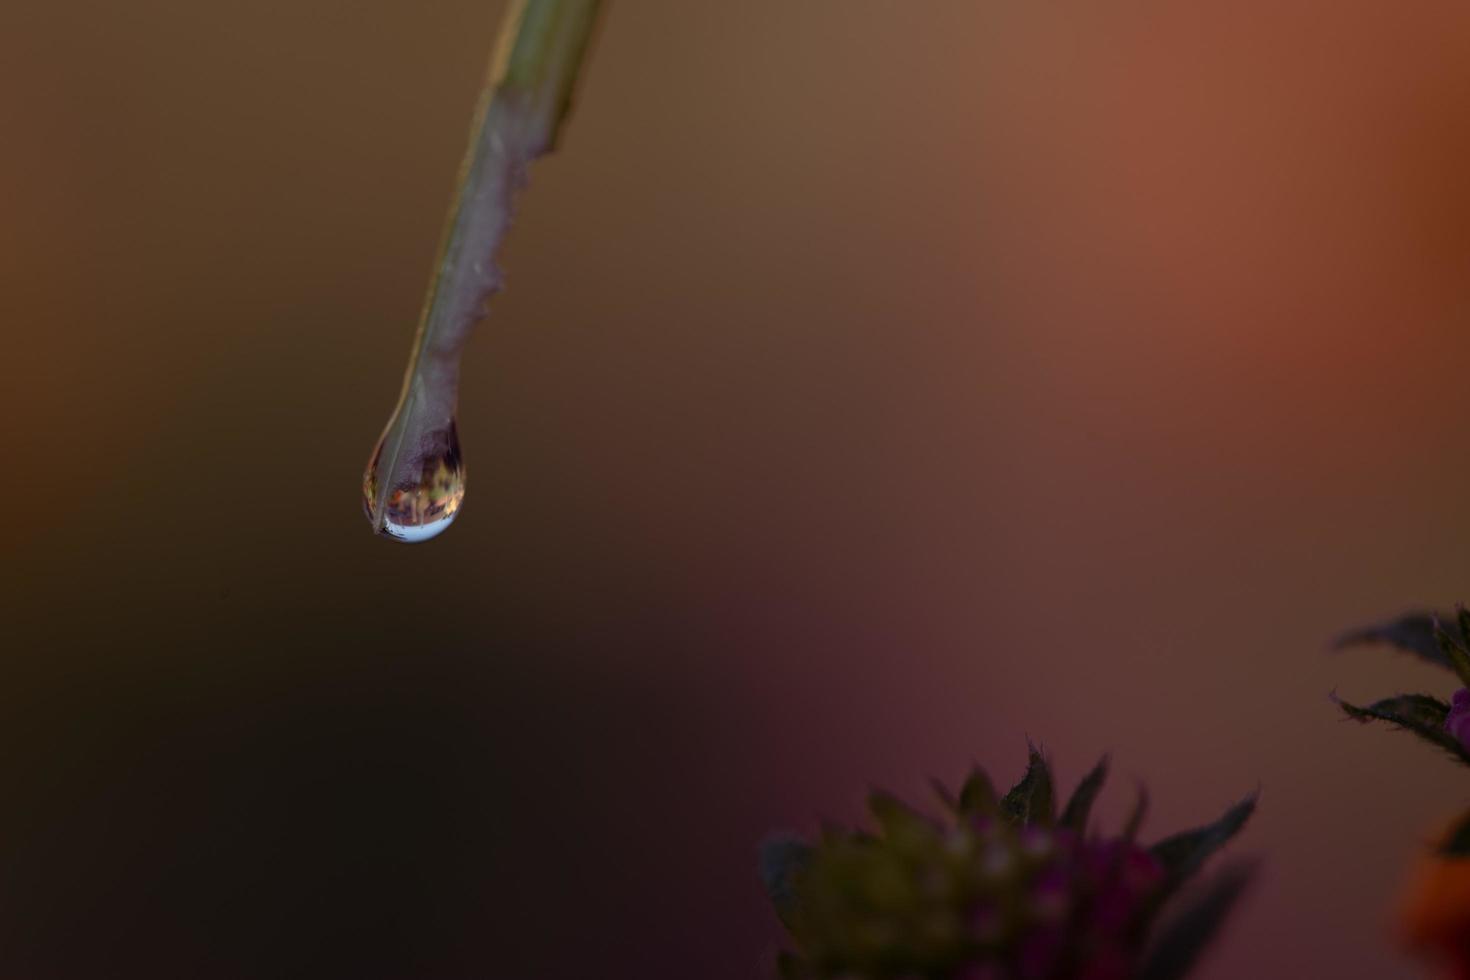 Regentropfen auf einem Blatt foto